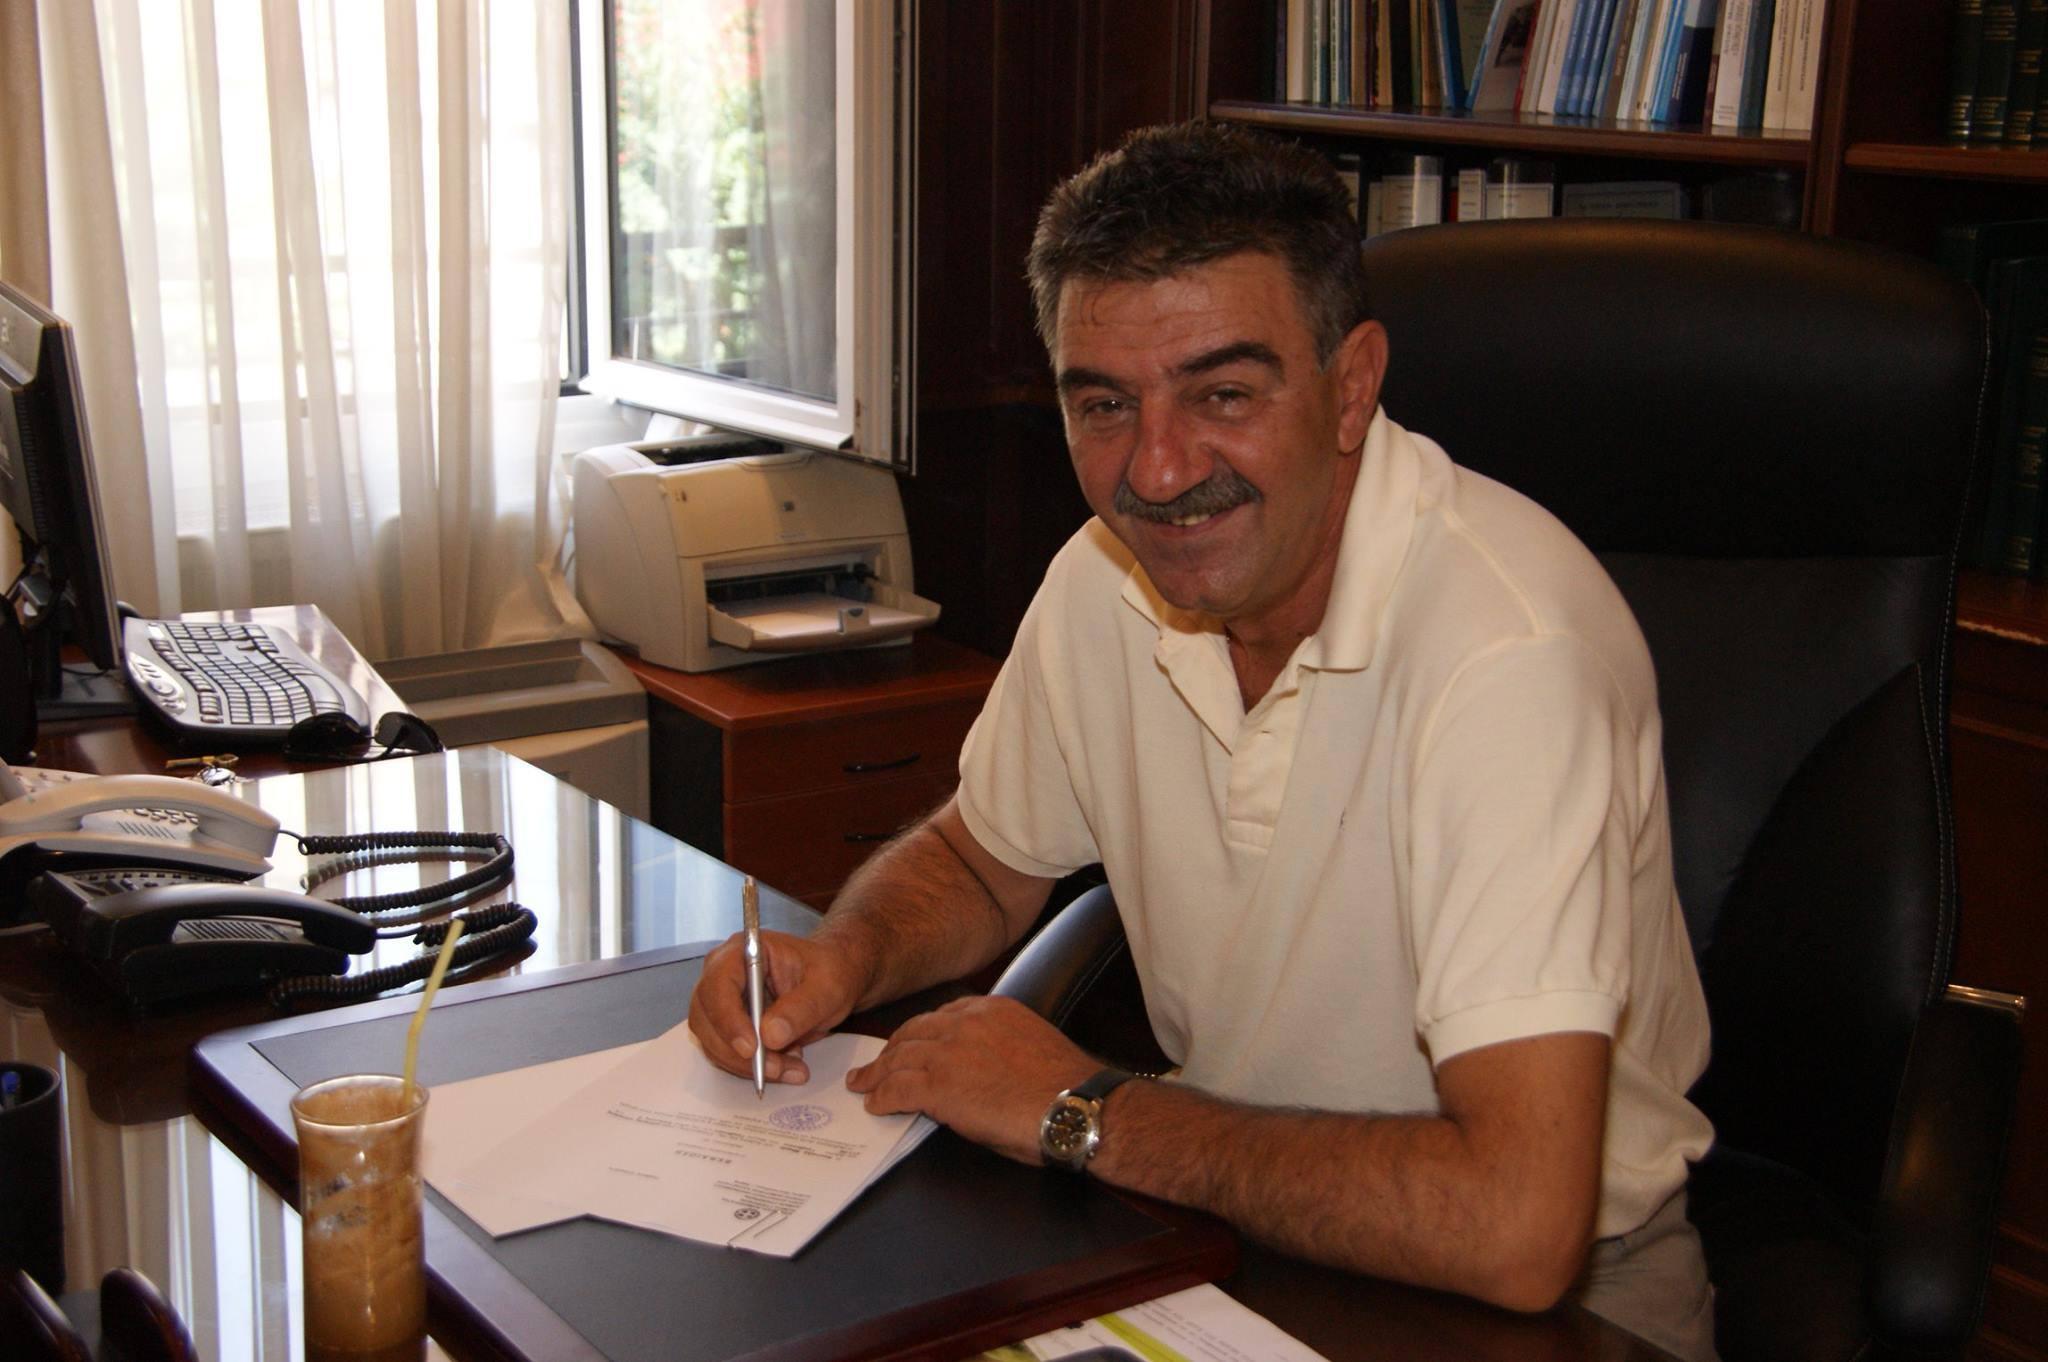 Ανέλαβε σήμερα το πρωί τα καθήκοντά του ο Δήμαρχος Γρεβενών κ. Γιώργος Δασταμάνης